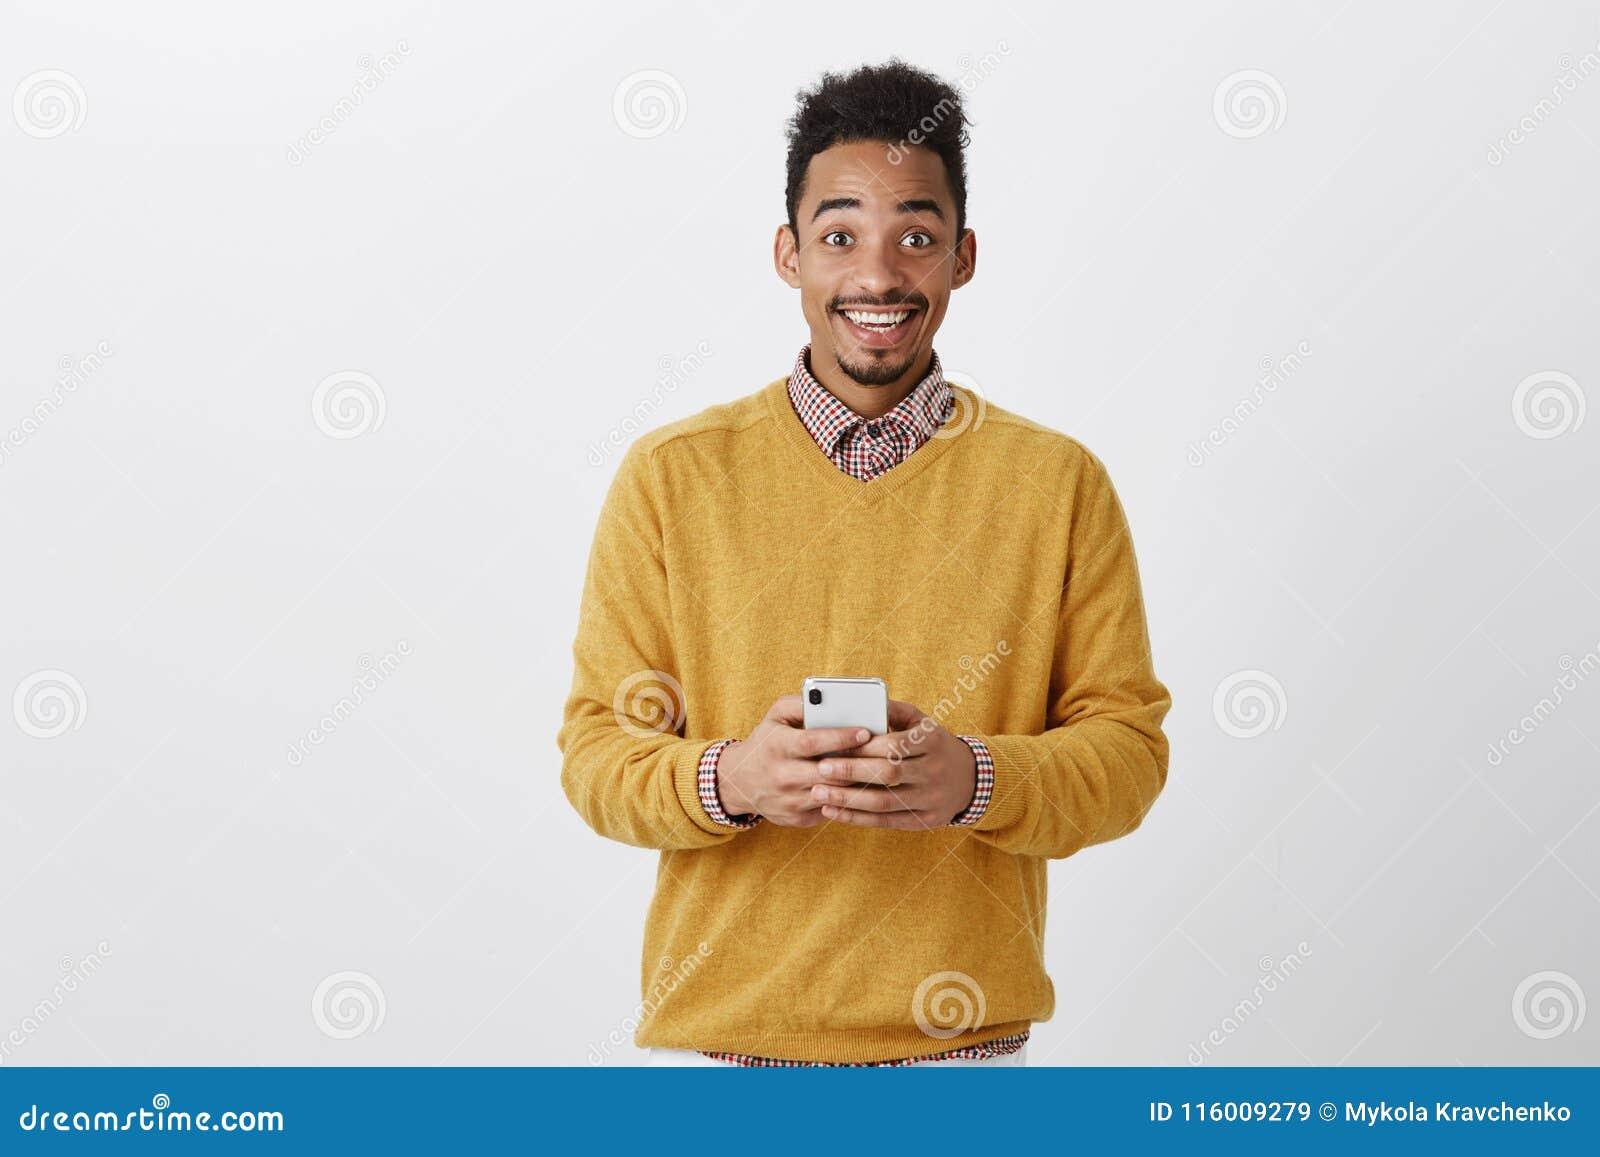 Dzielić wielką wiadomość z przyjacielem Portret szczęśliwy wstrząśnięty ciemnoskóry mężczyzna w modnym stroju, trzymający smartph